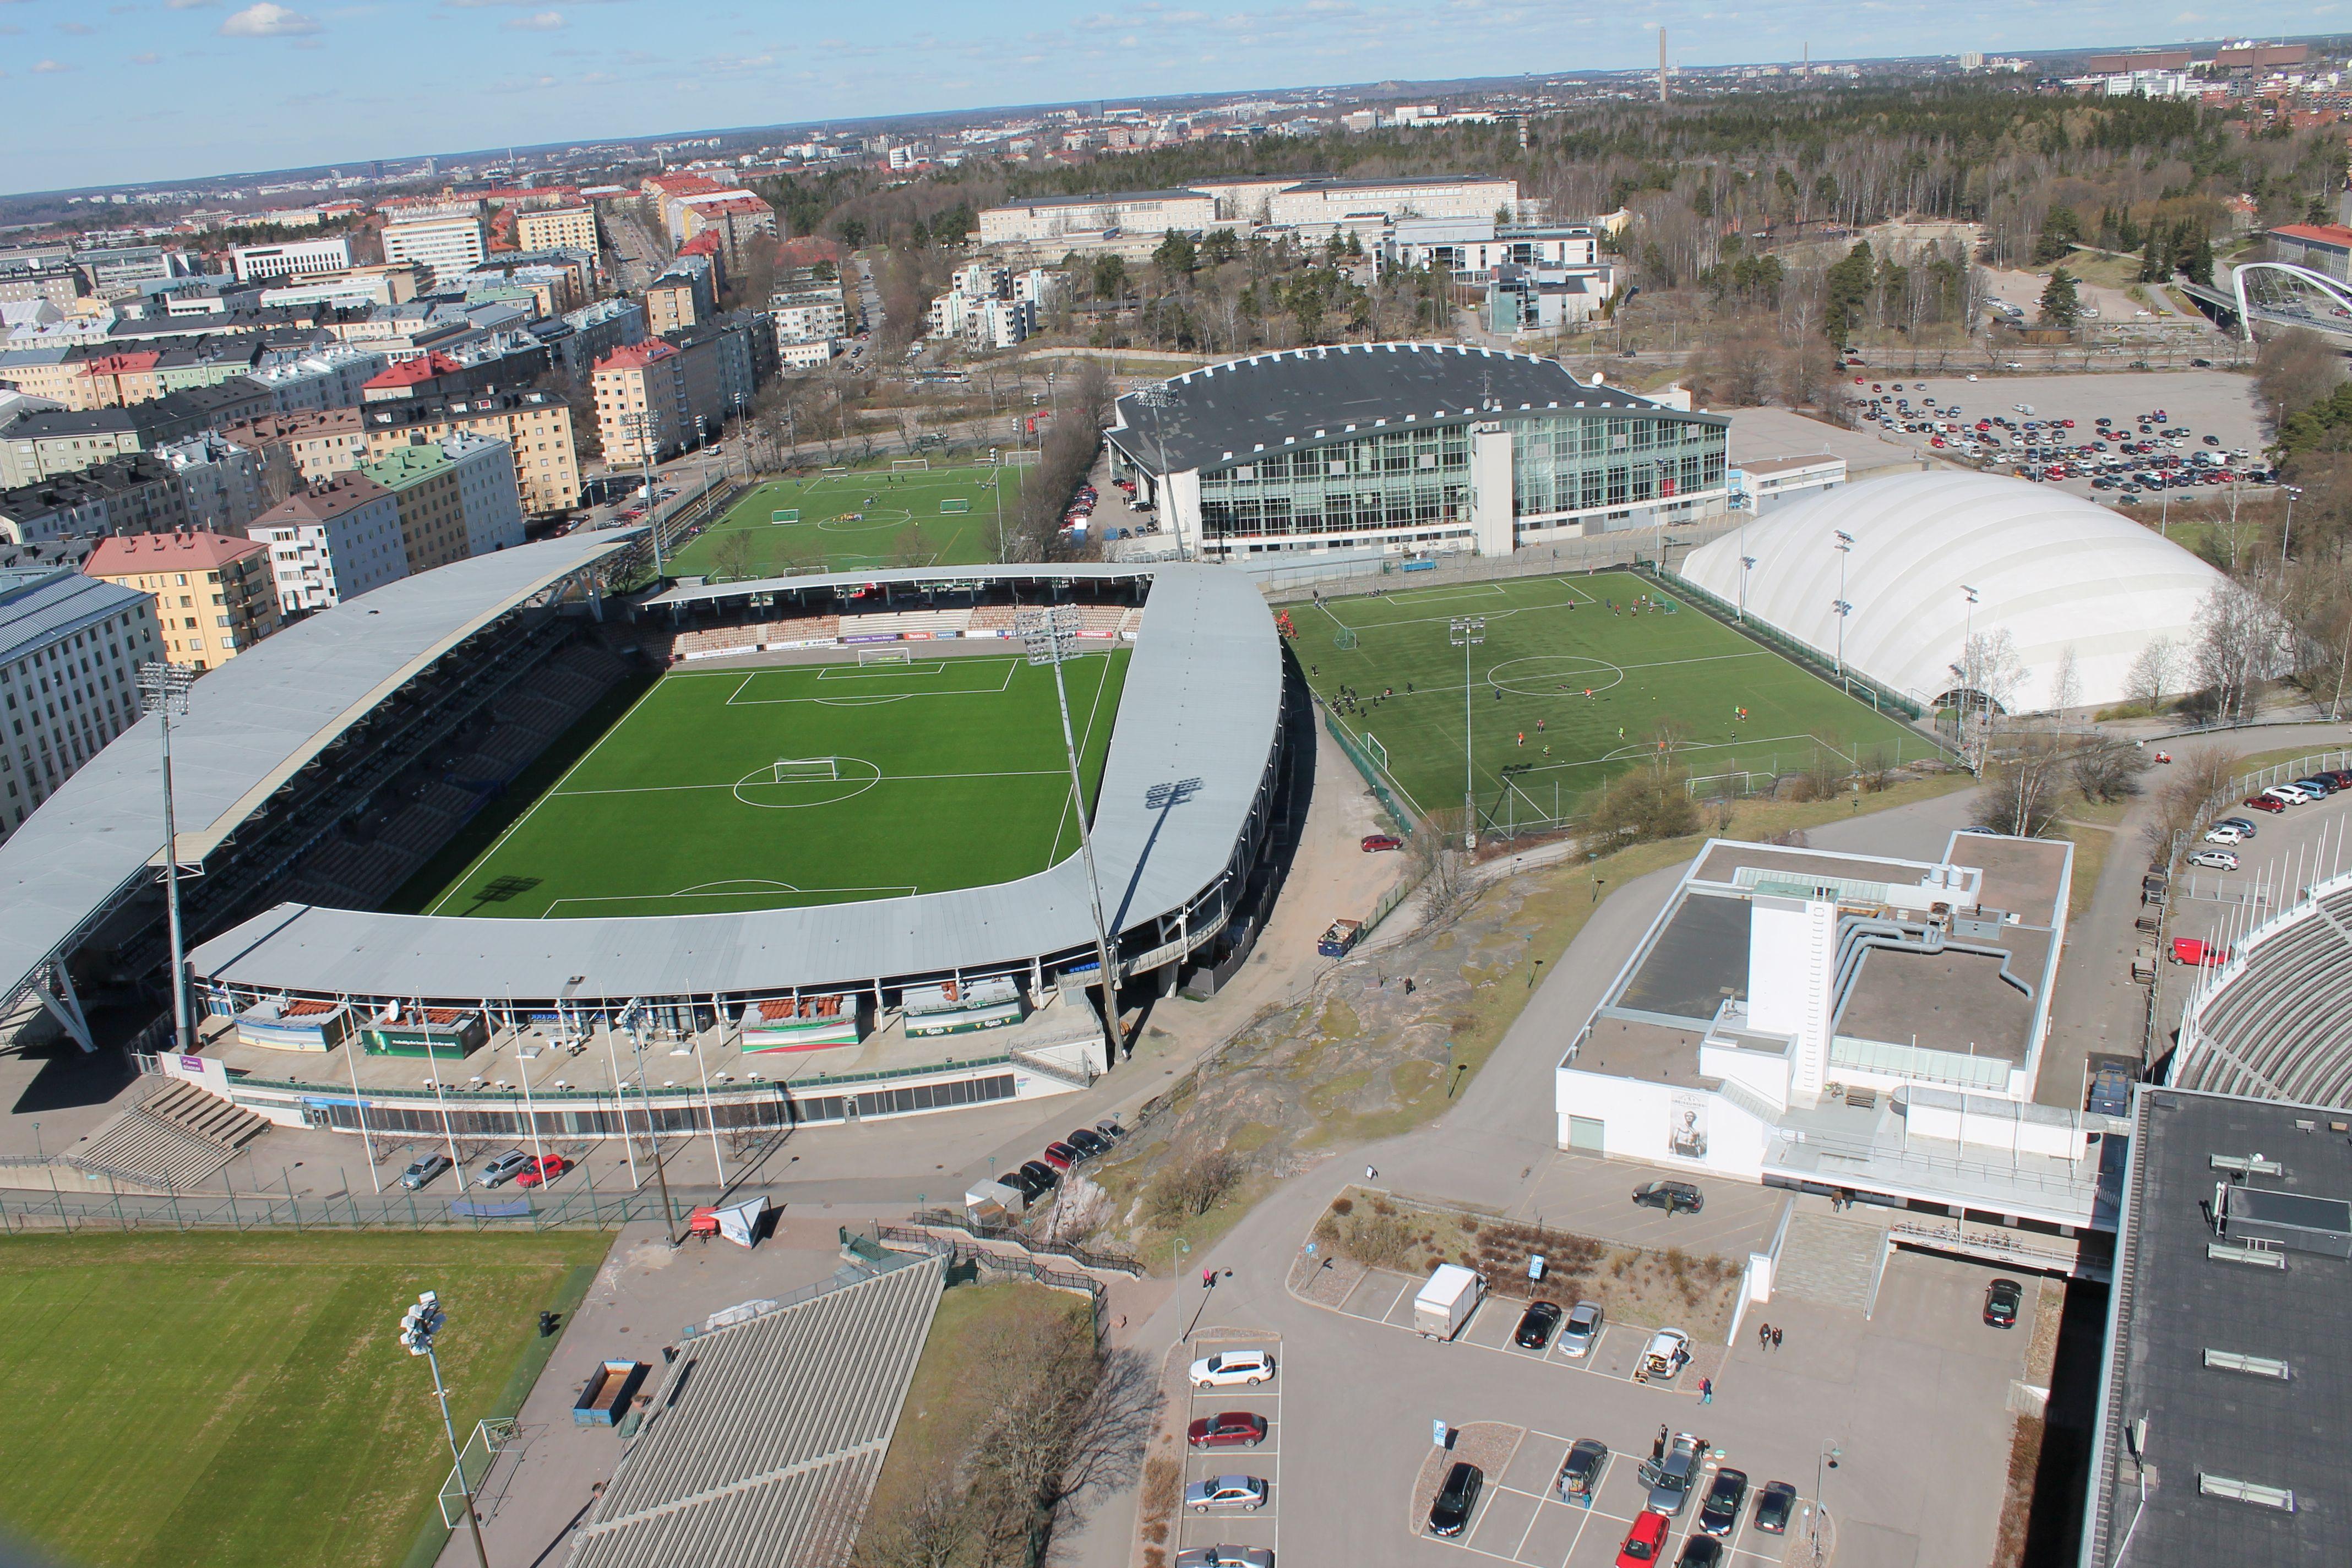 sportkomplexum.jpg